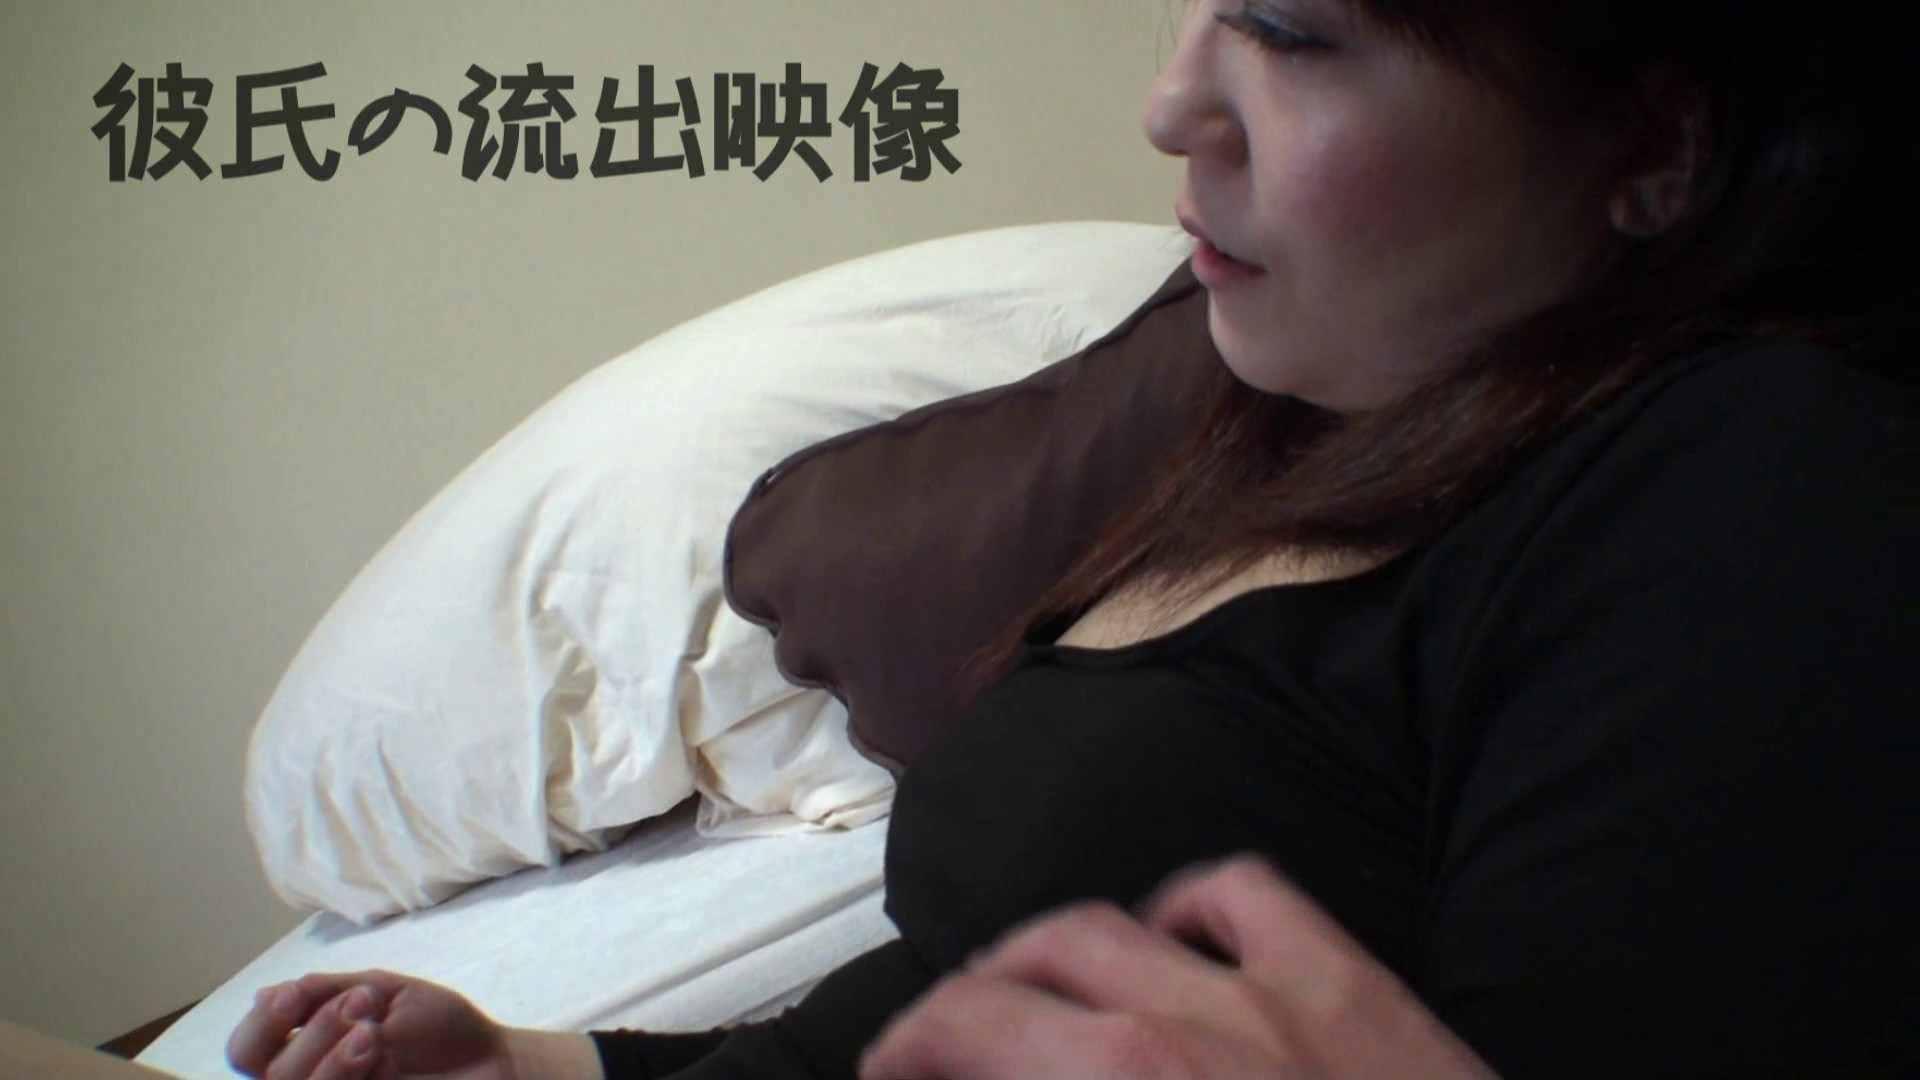 彼氏が流出 パイパン素人嬢のハメ撮り映像04 一般投稿  82連発 5